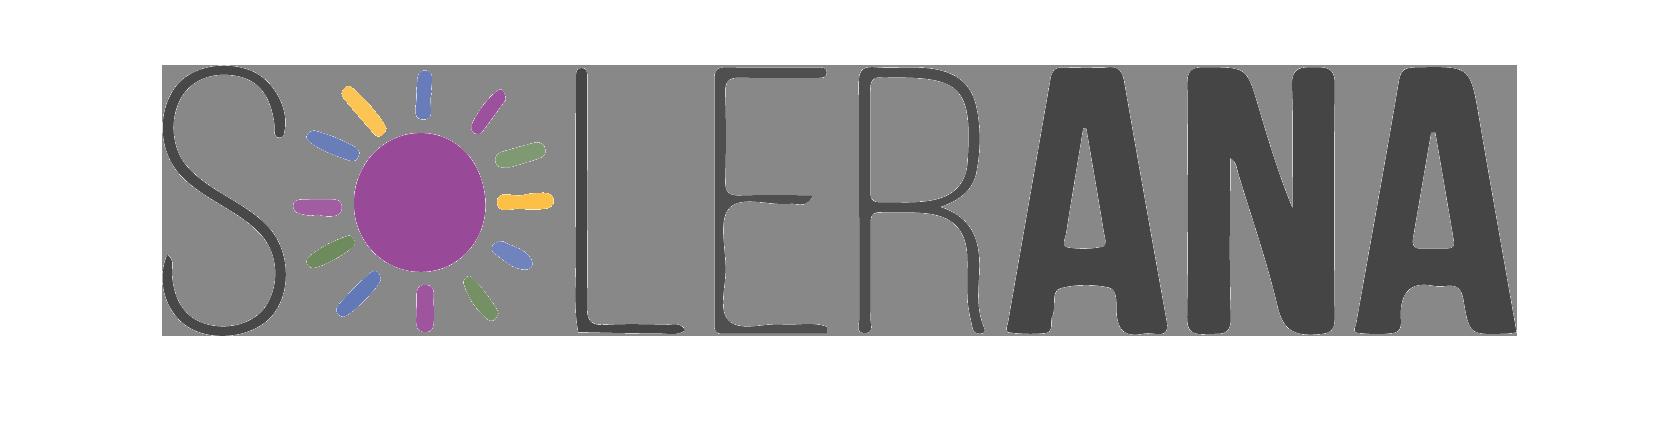 SolerAna